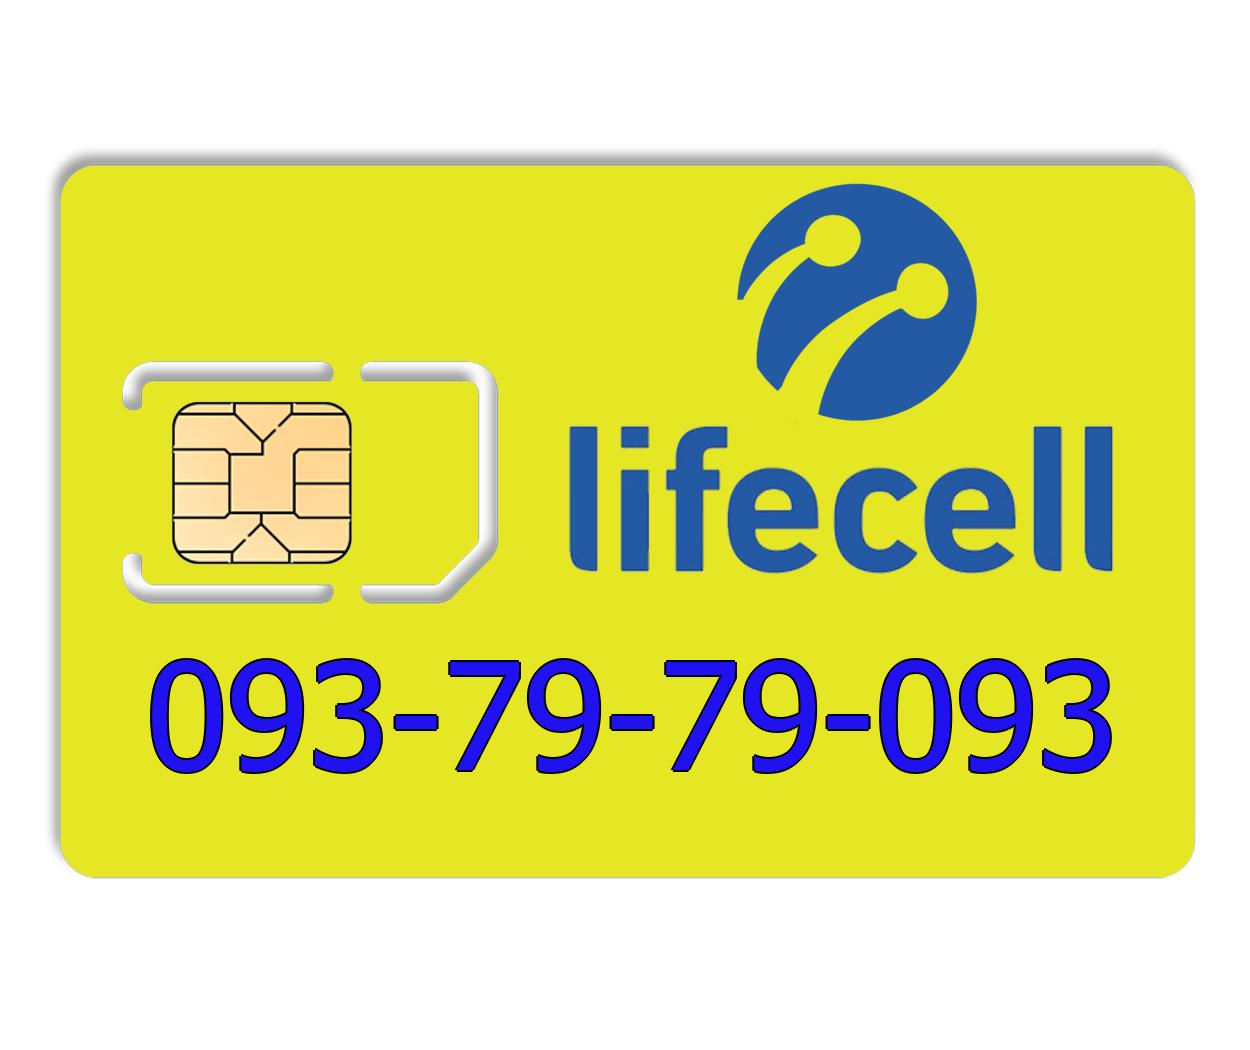 Красивый номер lifecell 093-79-79-093